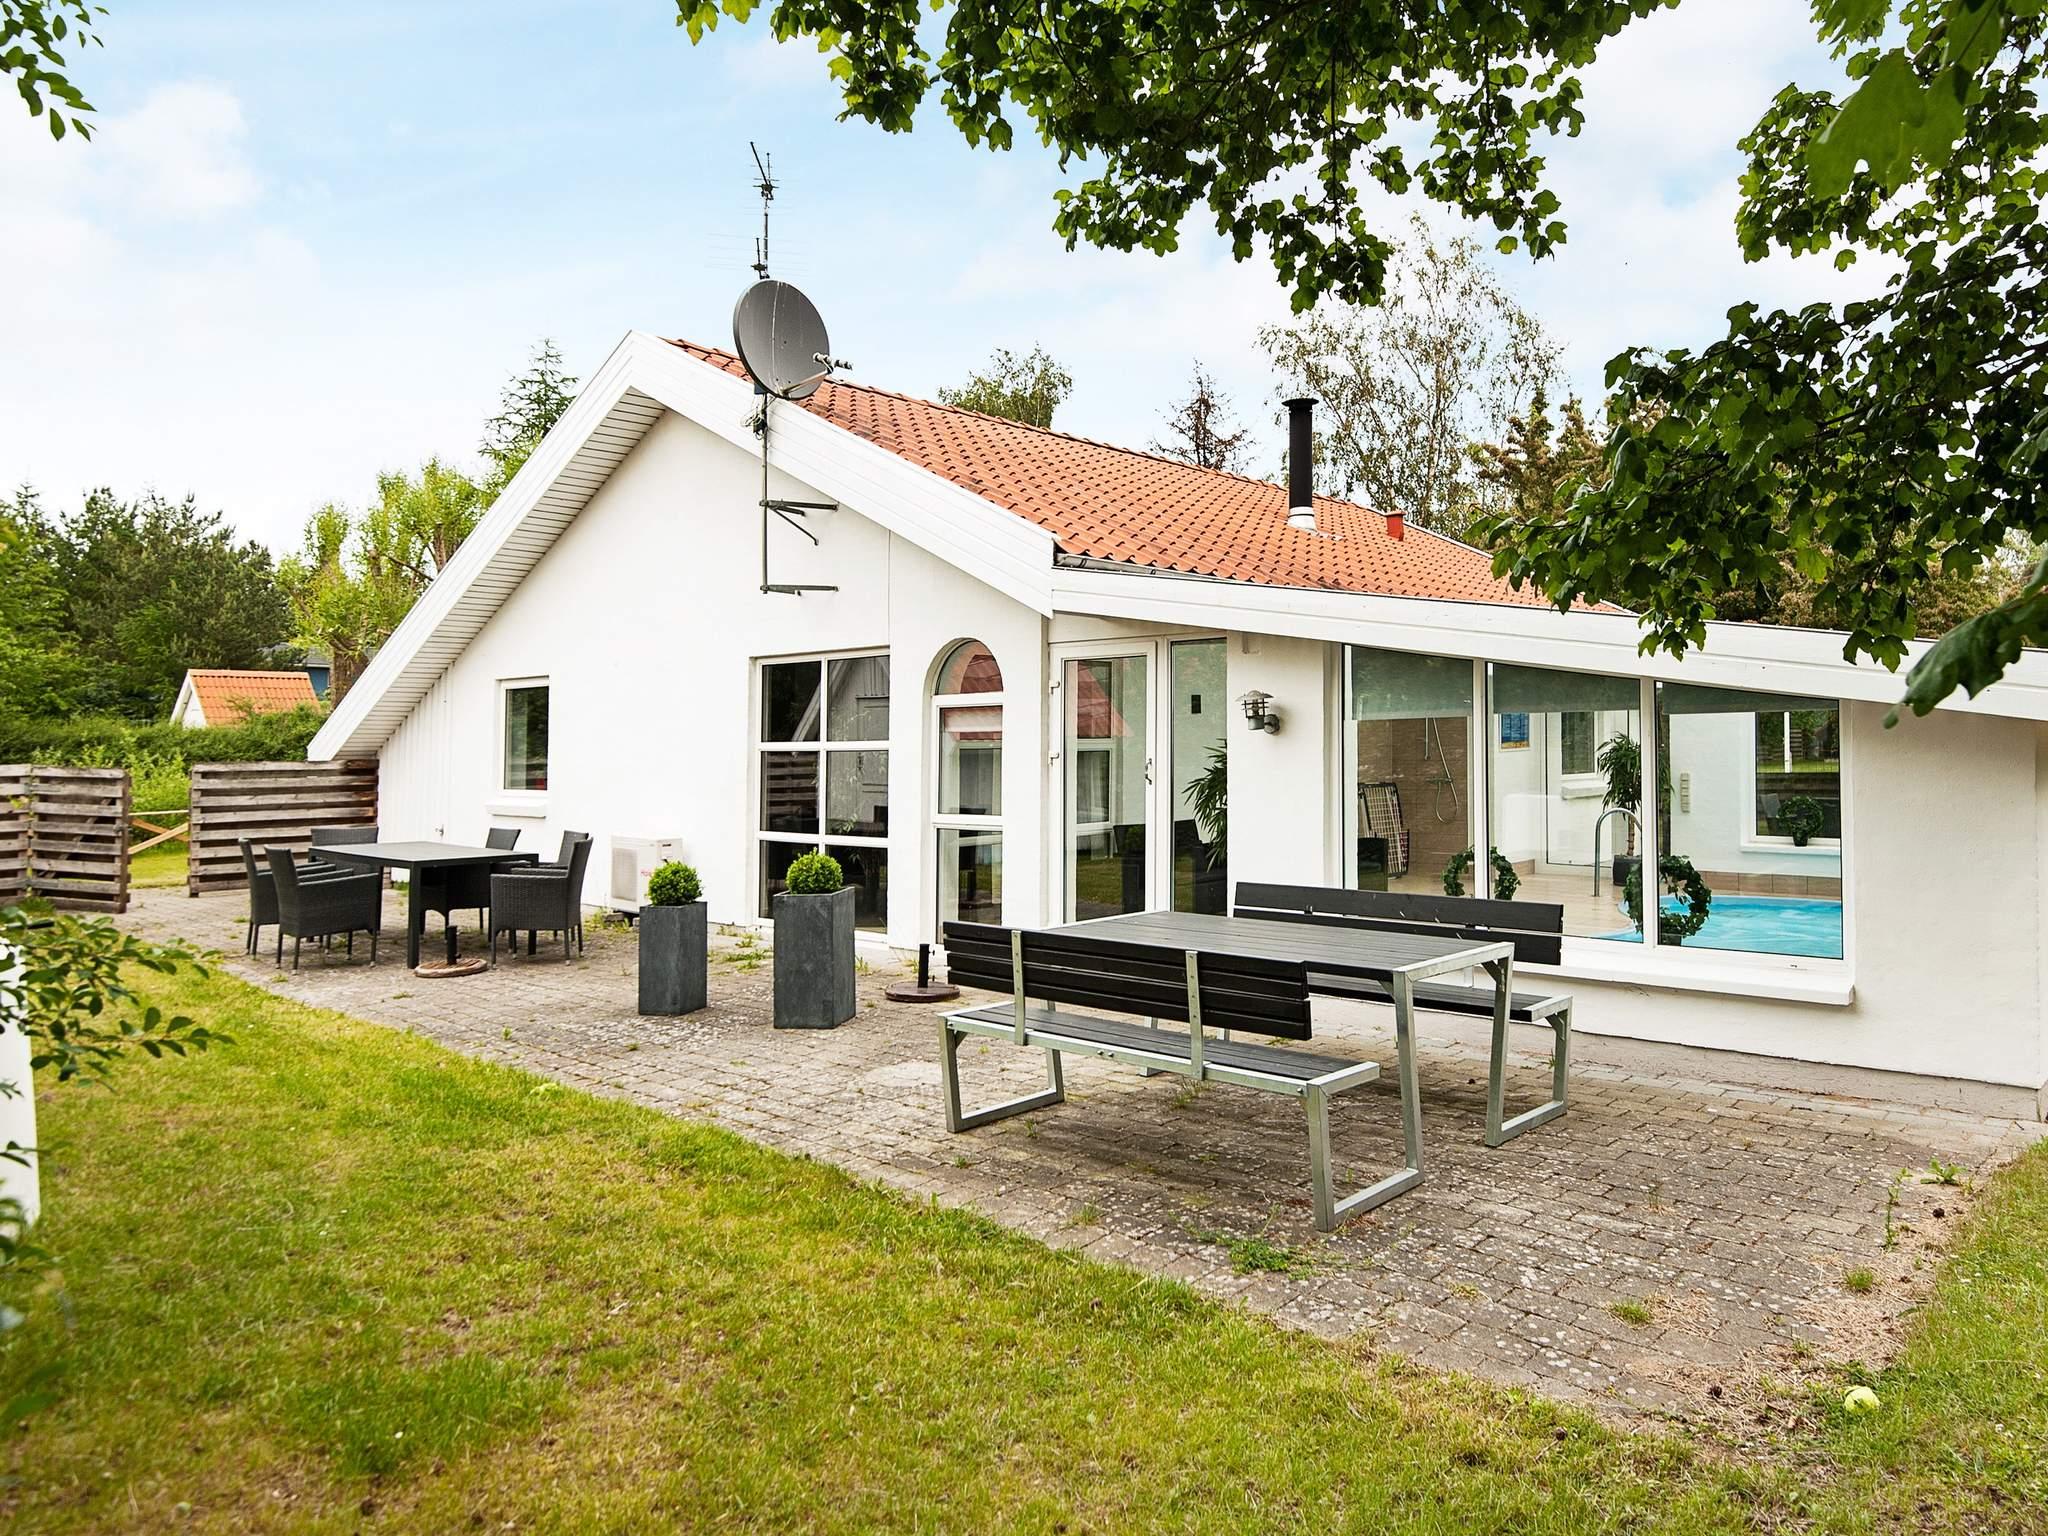 Ferienhaus Egsmark Strand (493427), Egsmark, , Dänische Ostsee, Dänemark, Bild 1